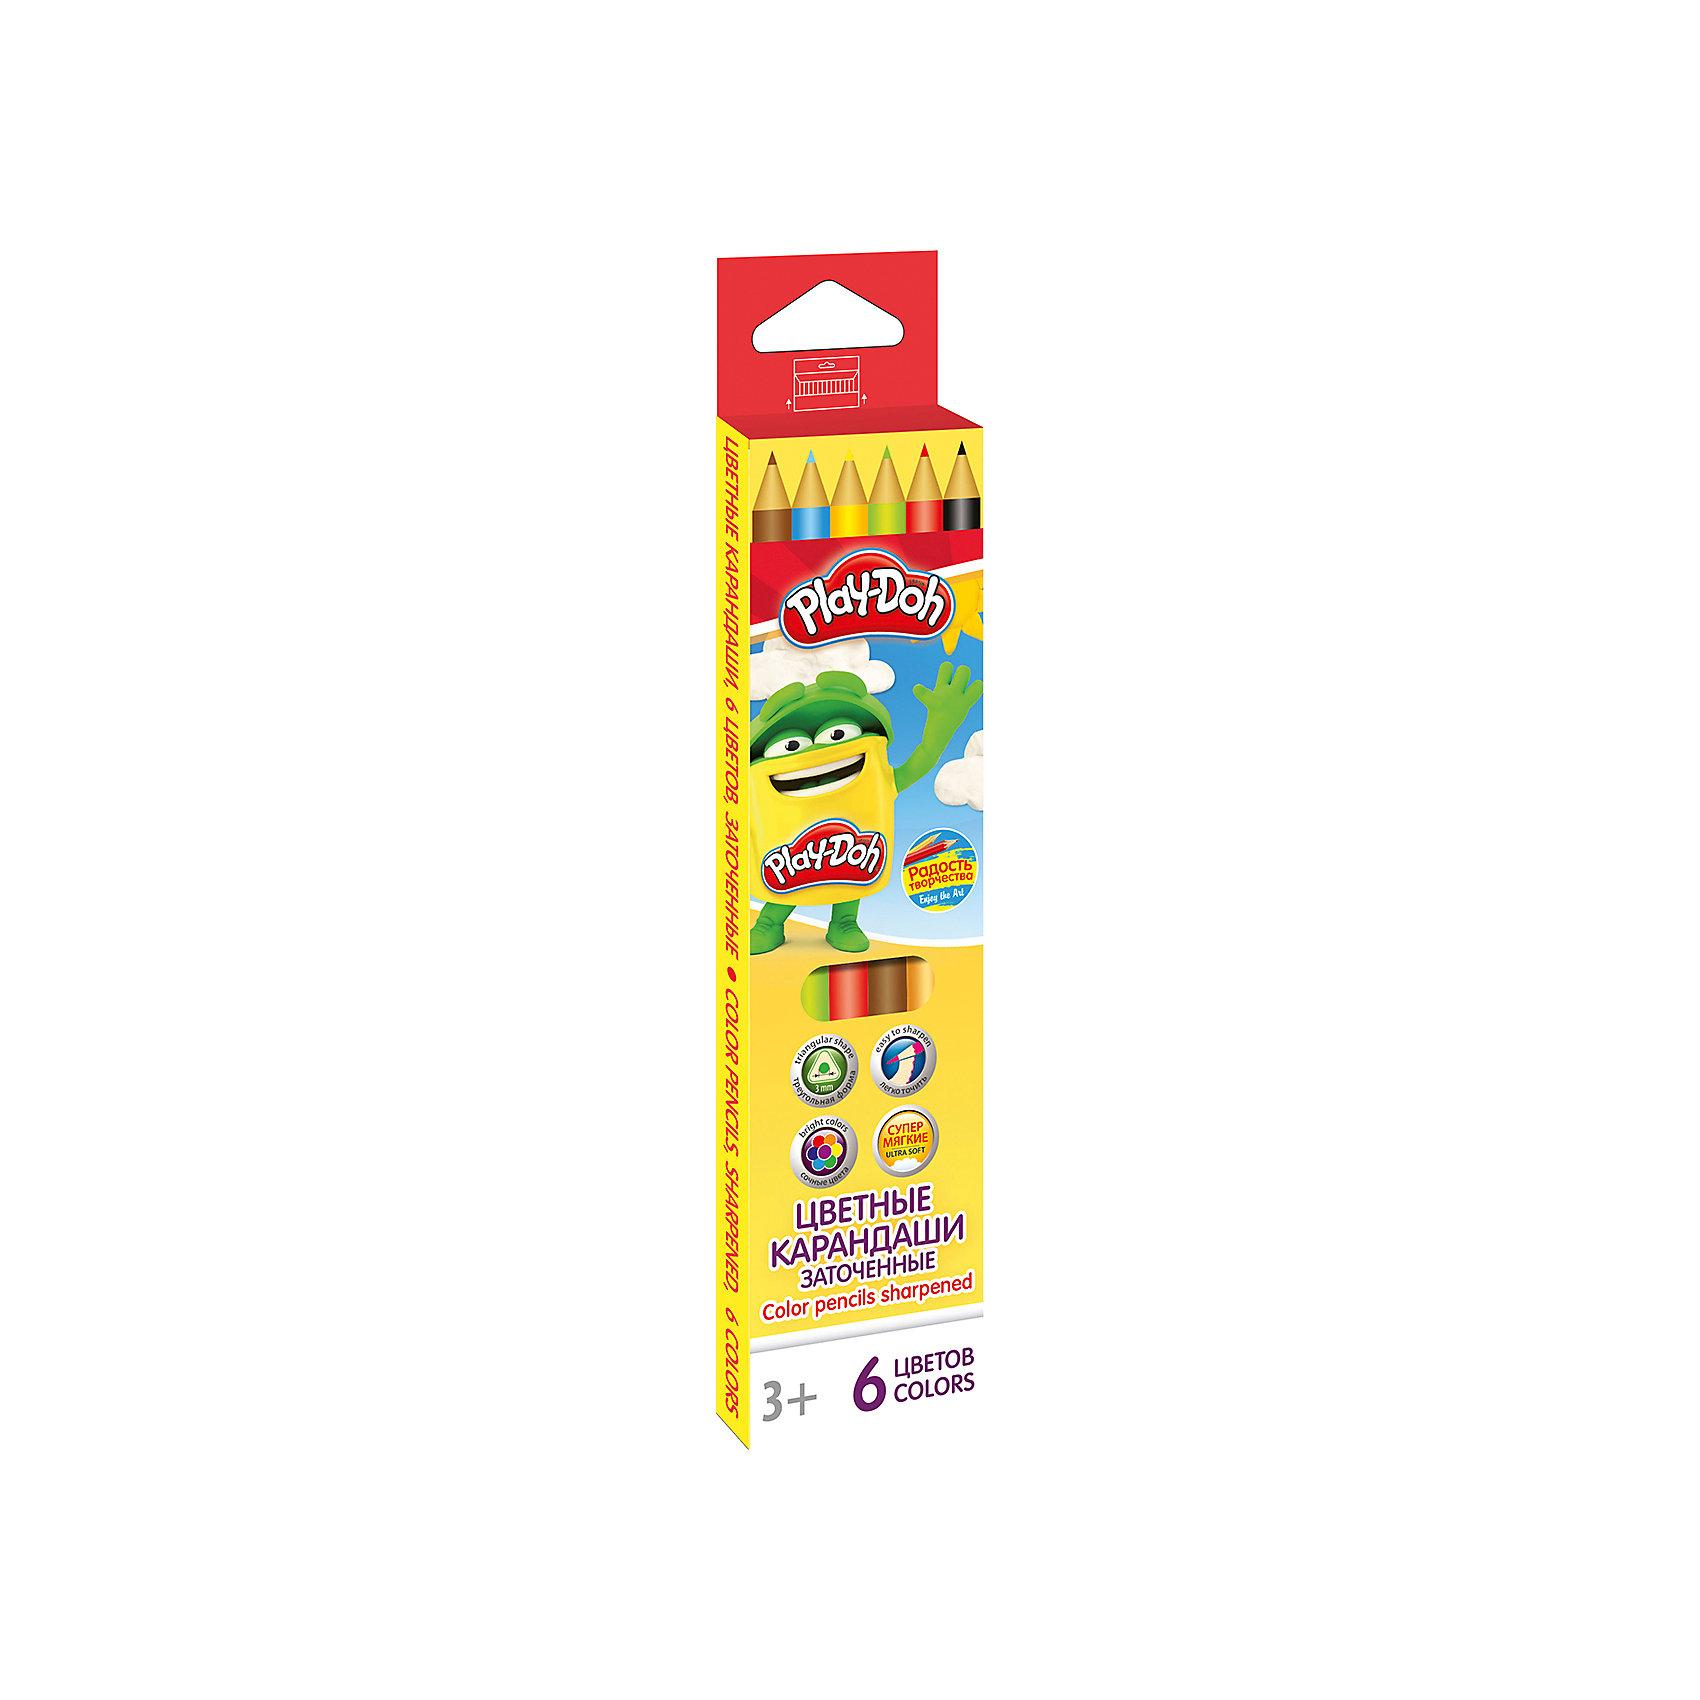 Академия групп Цветные карандаши 6 цветов, Play-Doh свеча ароматизированная sima land лимон на подставке высота 6 см